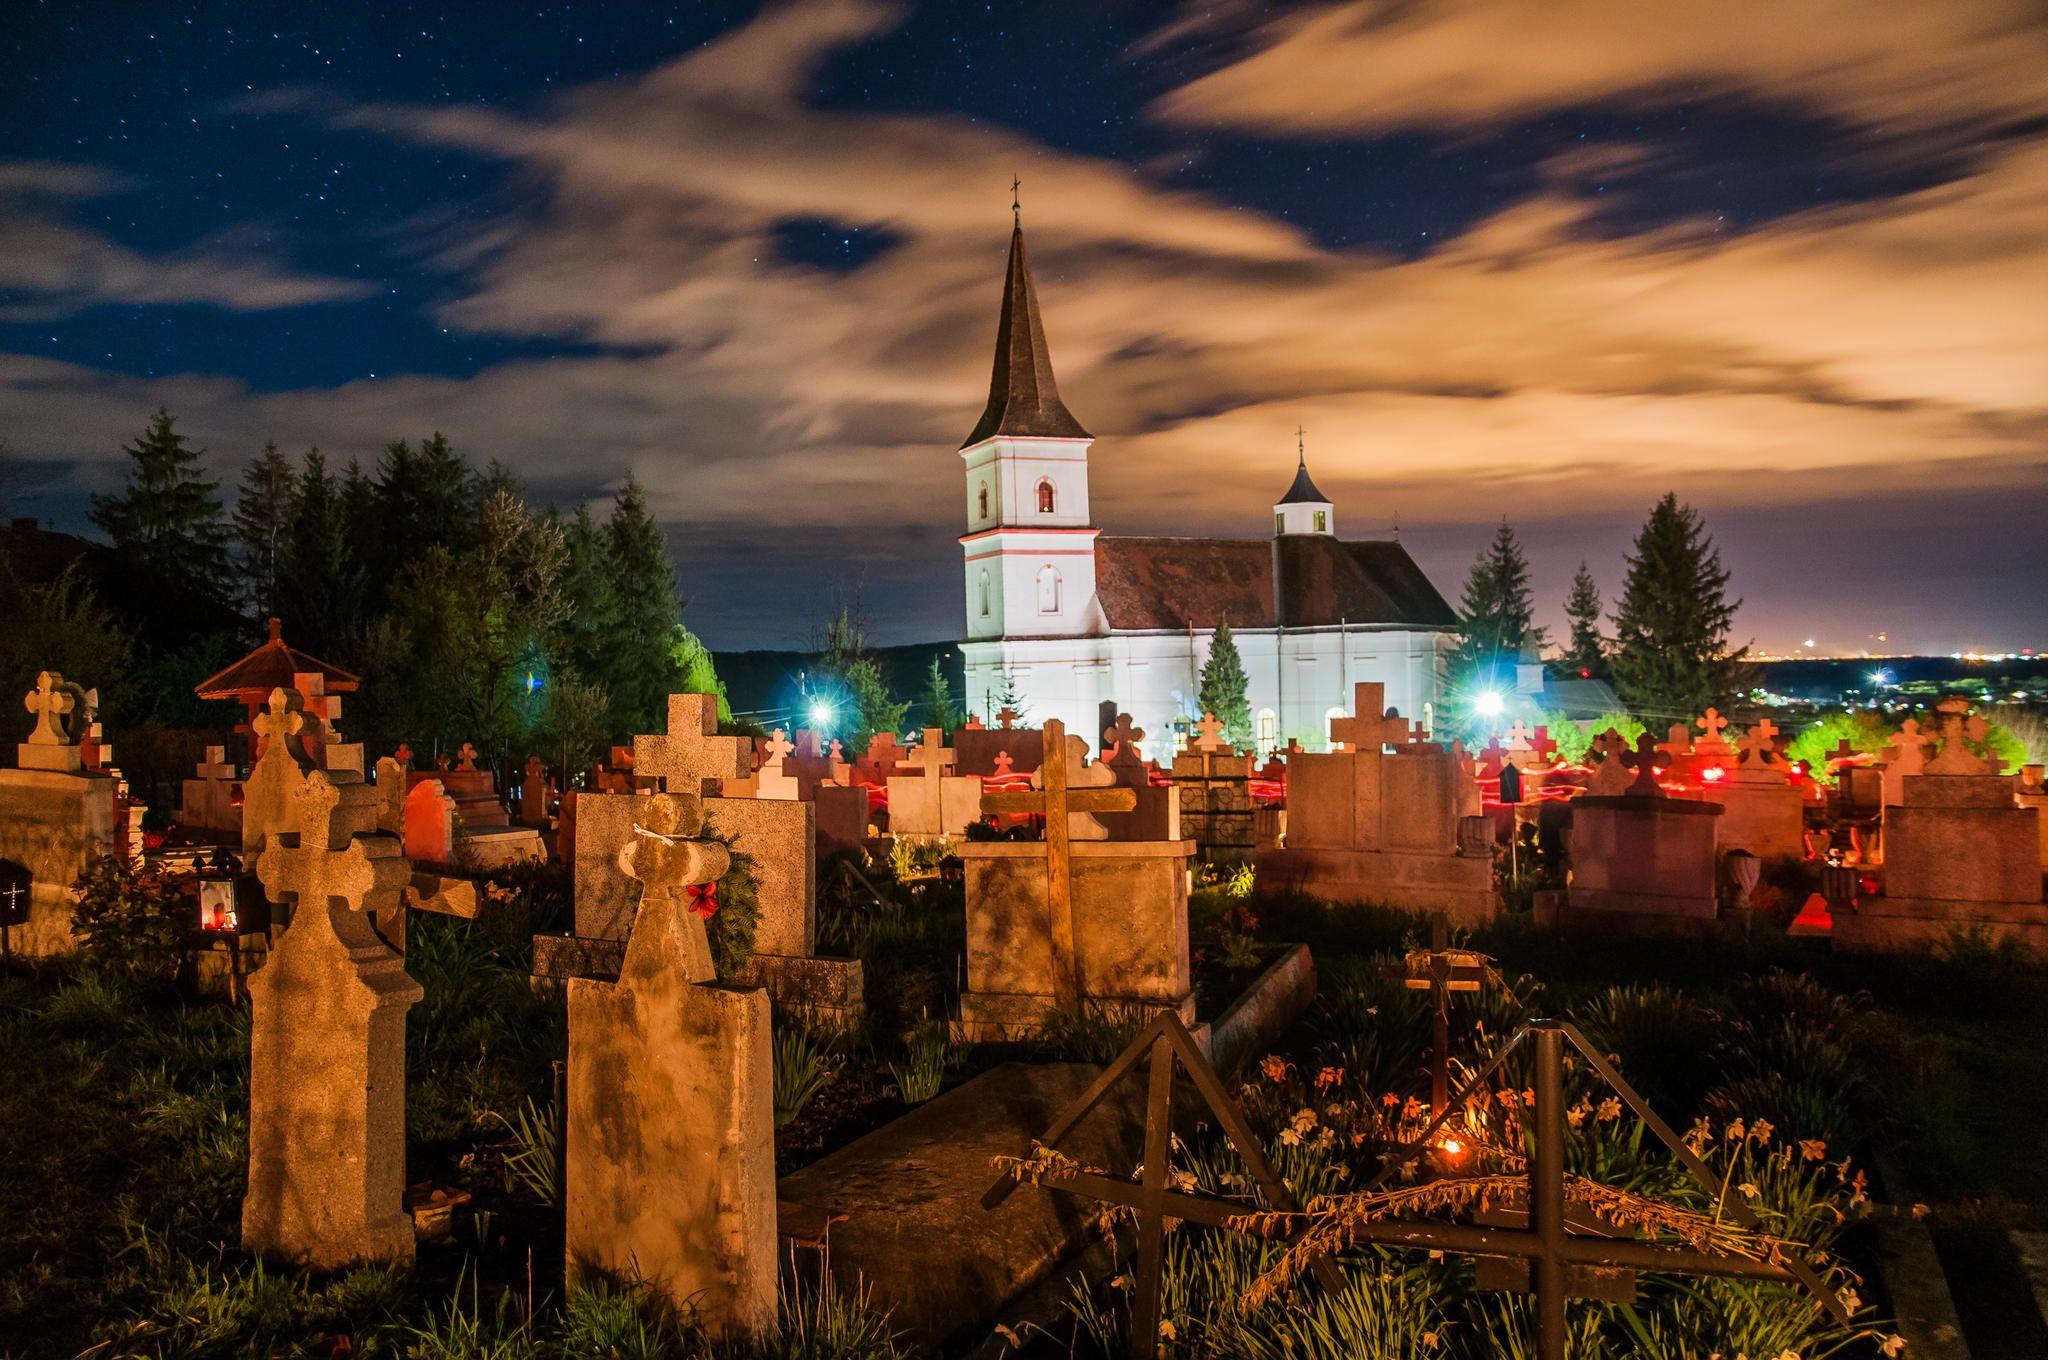 Graveyard in Rasinari, Sibiu